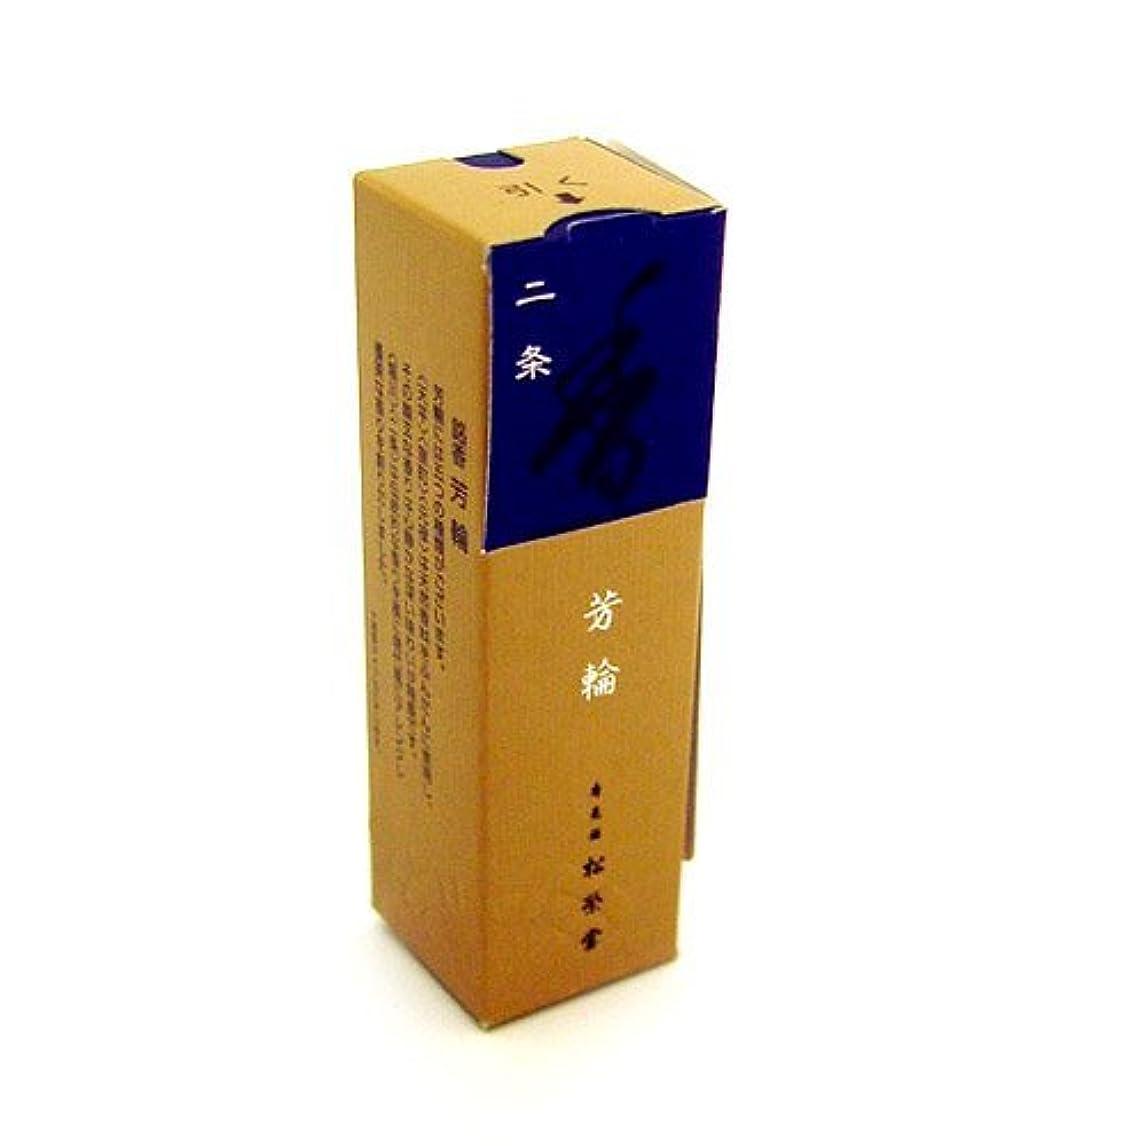 コーヒーインスタント矛盾するShoyeido – Horin Incense Sticksの別荘の街 20 Stick(s) 75120